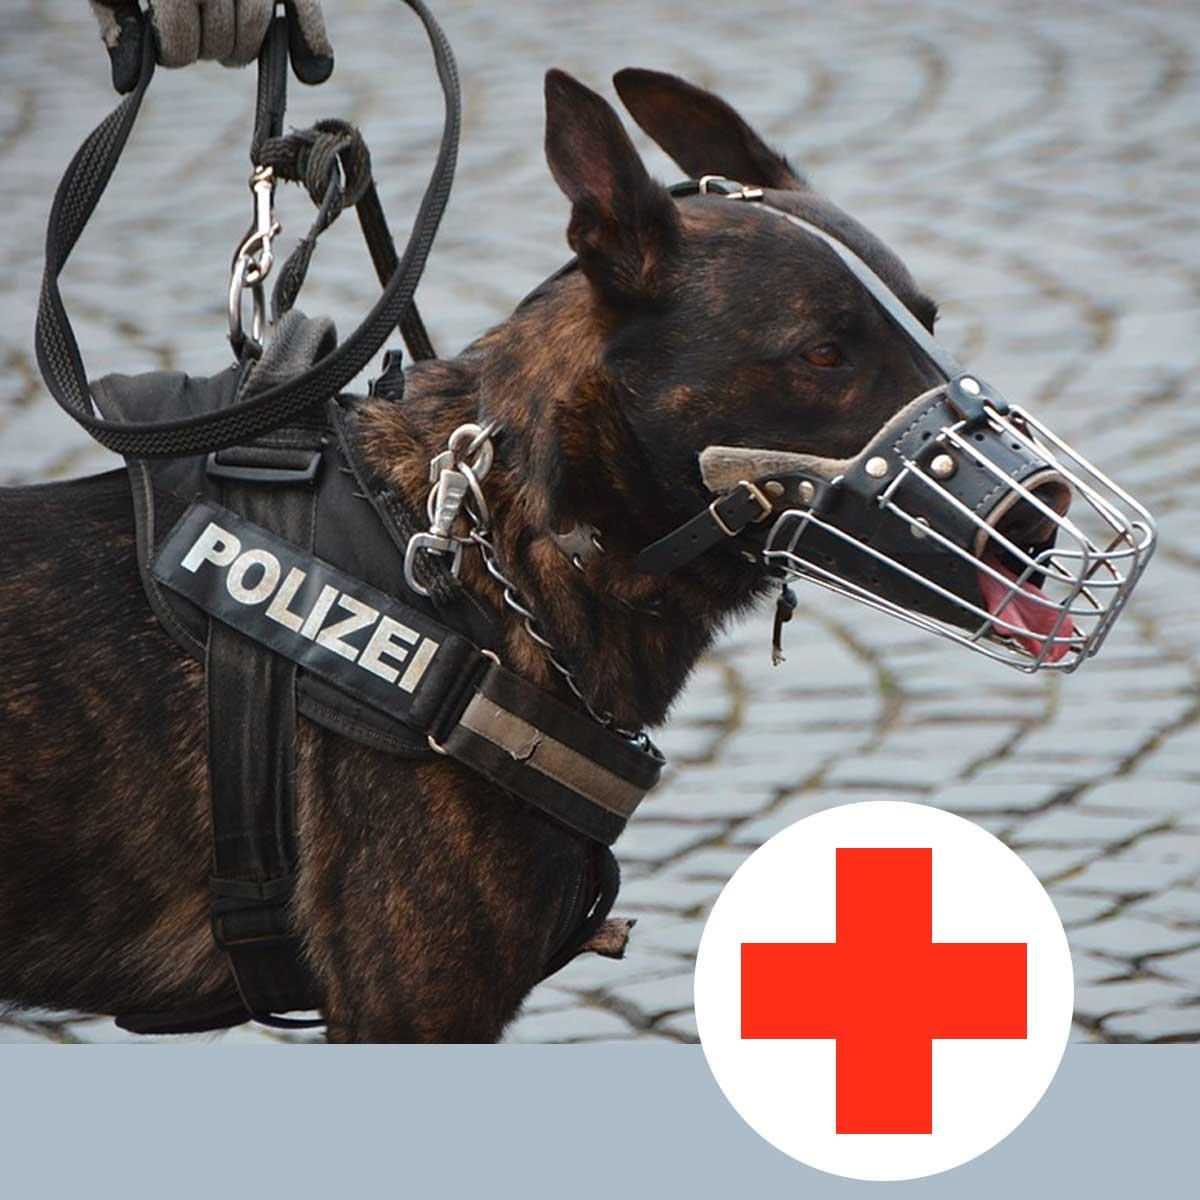 joodog Hundematten für Polizei, Rettungshunde, Transportboxen, Orthopädische Hundematte, Hundebetten Grosshandel, Wholesale.